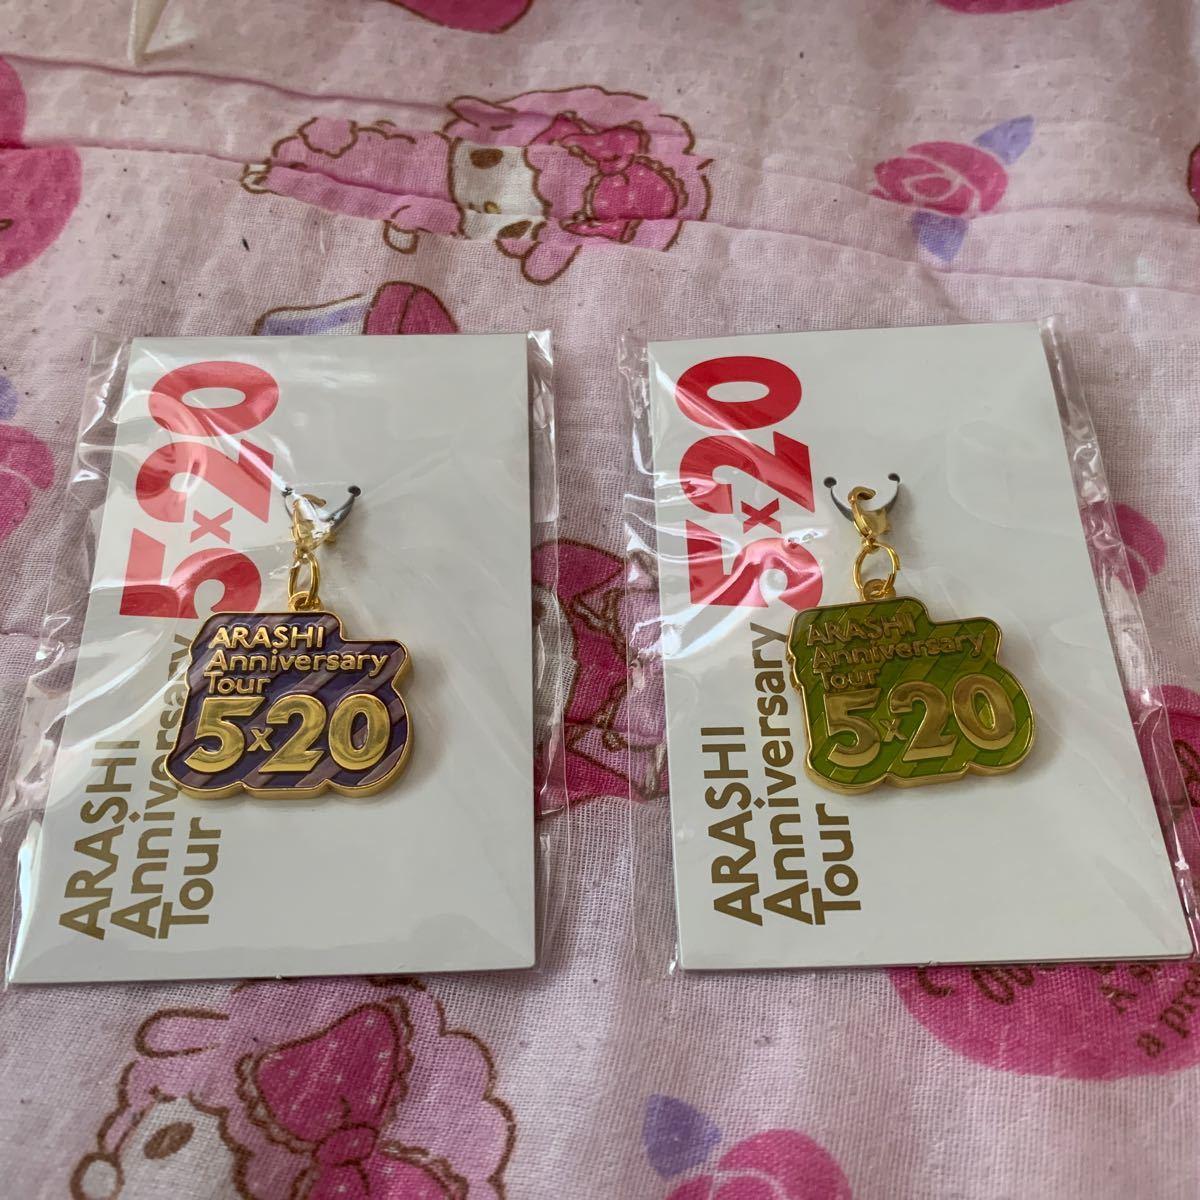 嵐5×20 Anniversary TOUR 会場限定 チャーム 紫、緑